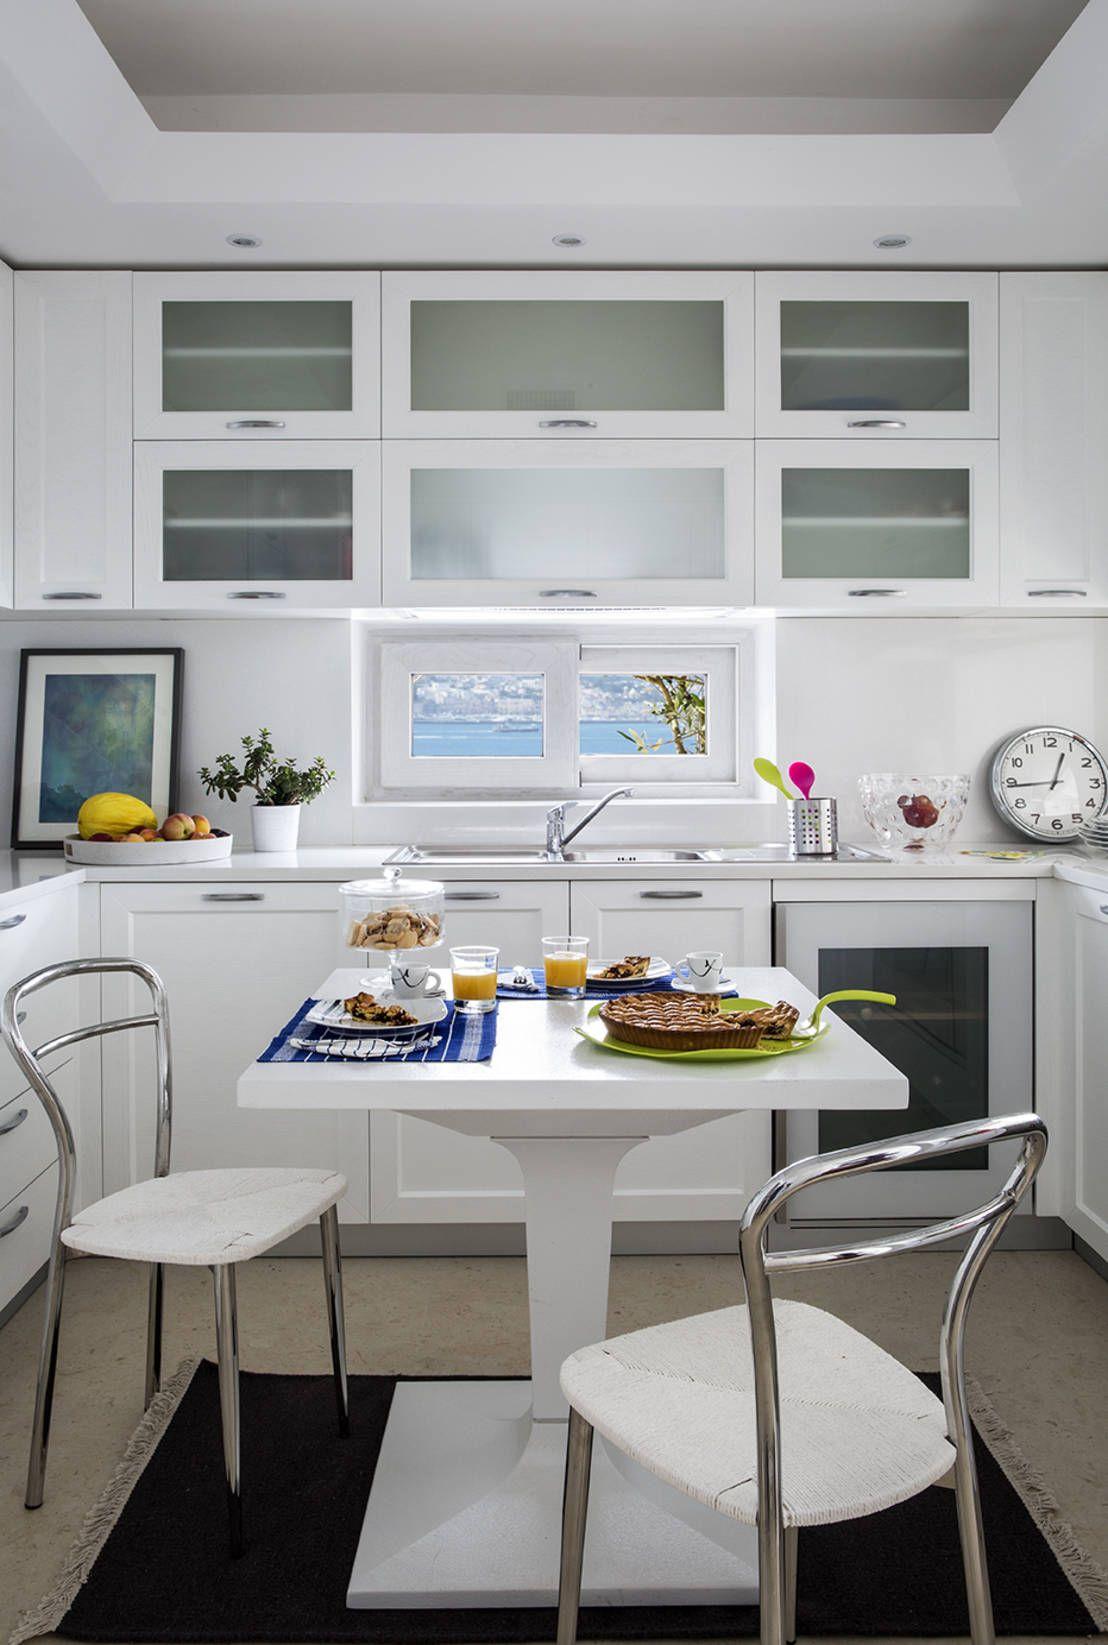 Cucina Soggiorno Stretta E Lunga gradi per la casa ideearredocom oggi diventata una vetrina